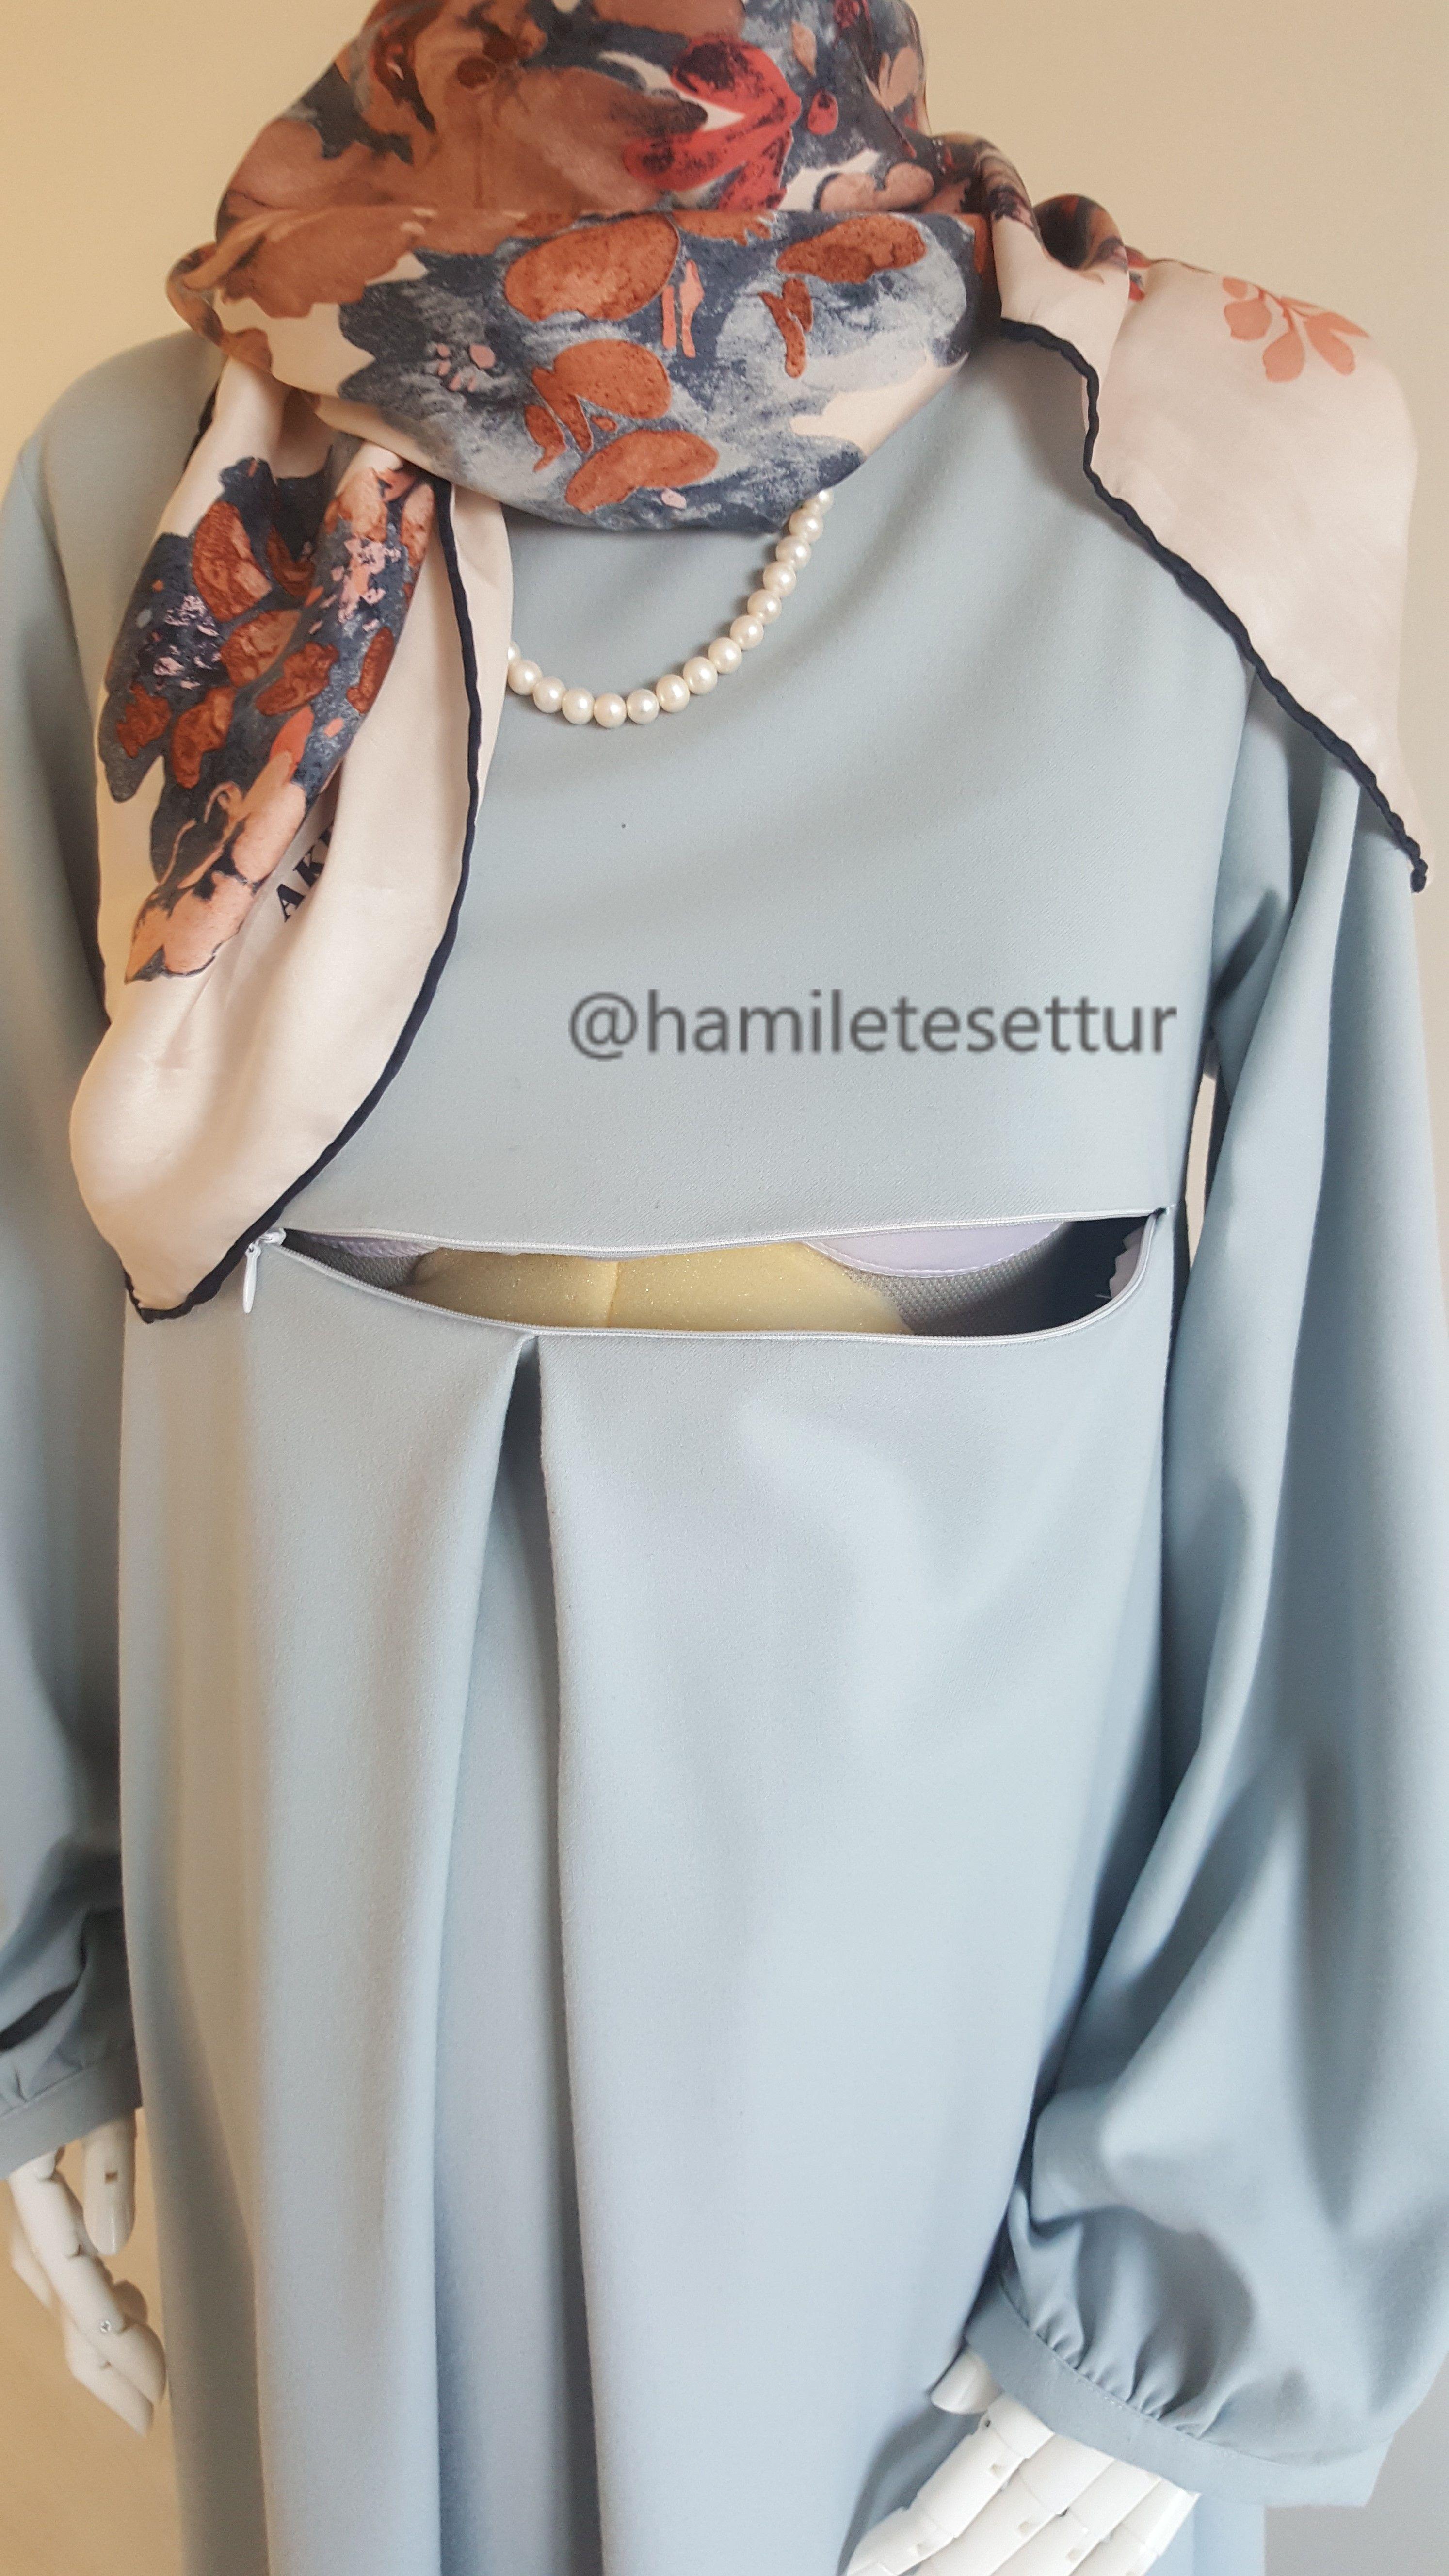 Hamile Tesettur Emziren Anne Islami Moda Sirin Elbiseler Moda